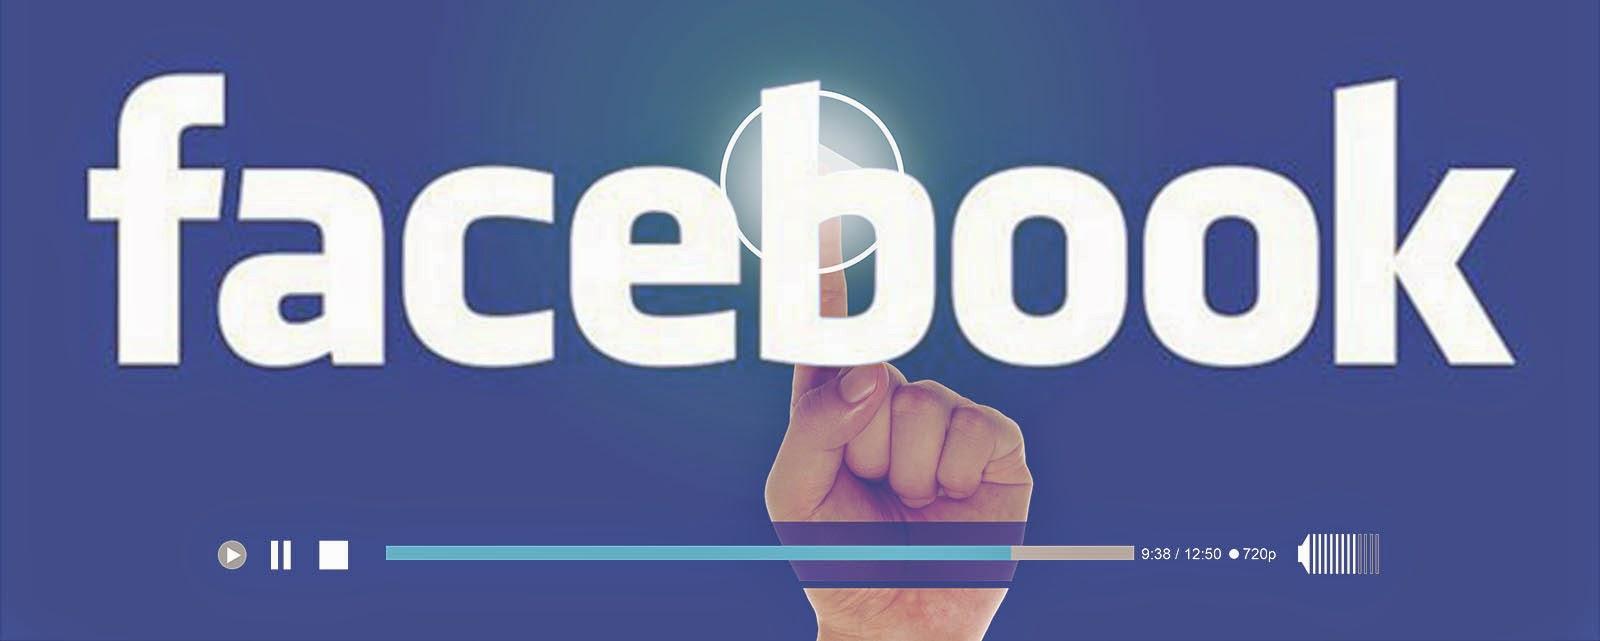 موقع فايسبوك يطلق خدمة جديدة لمشاركات الفيديوهات في المواقع الخارجية !